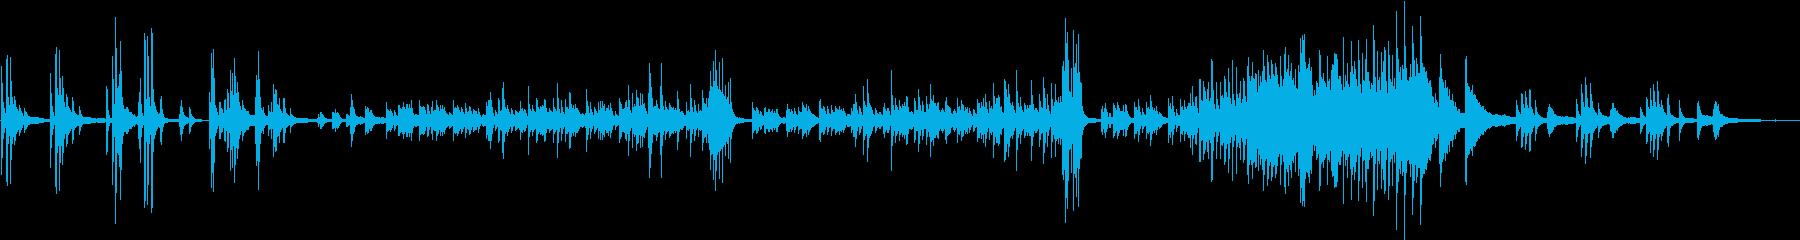 リラクゼーション向けピアノソロ曲の再生済みの波形